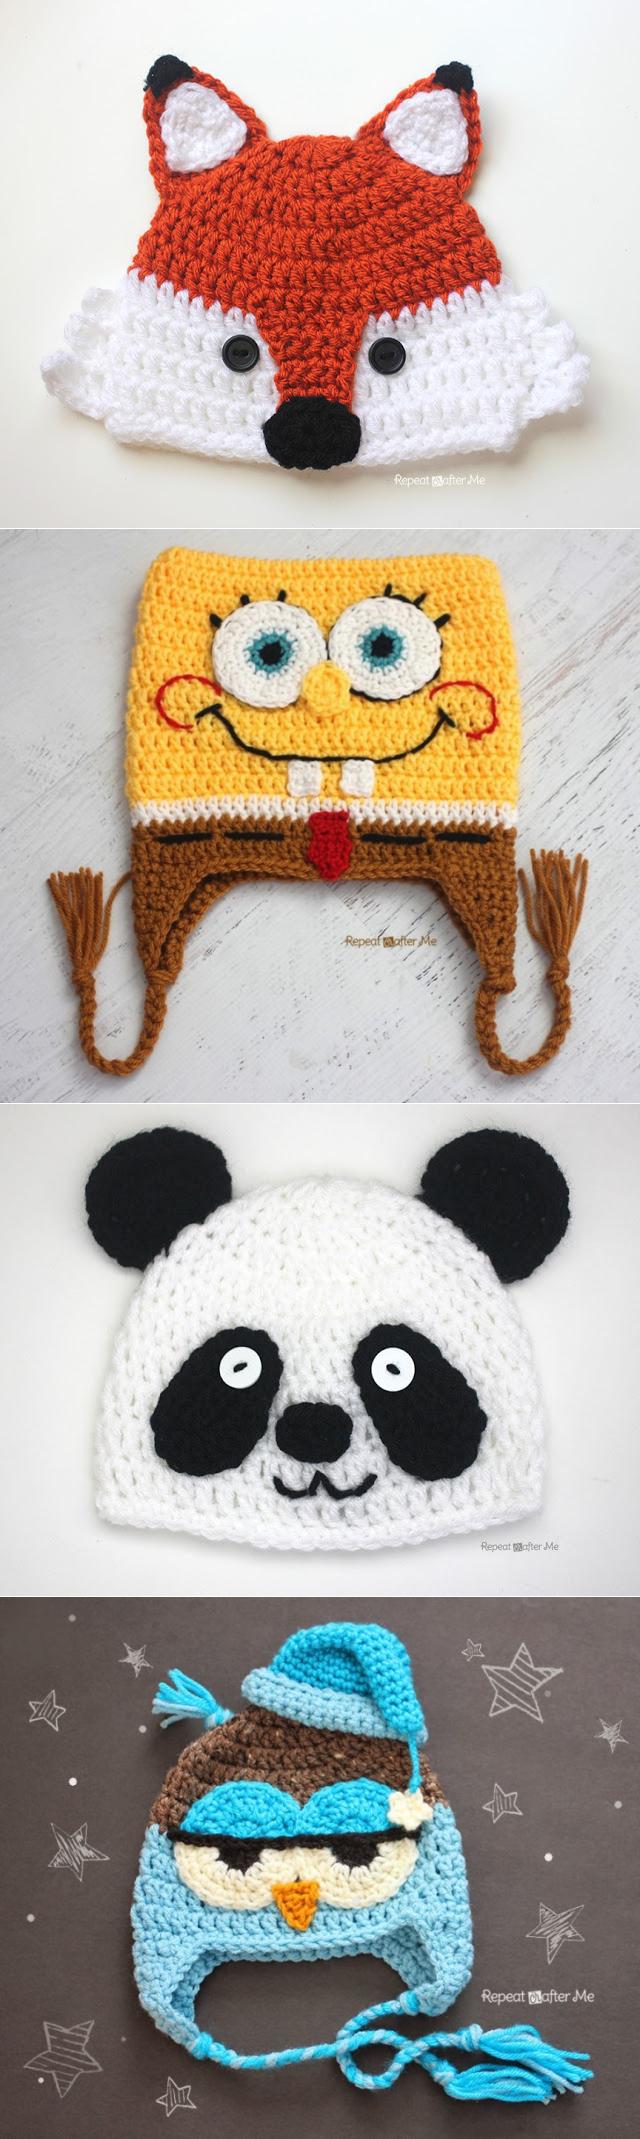 Вязание шапочек крючком,спицами | Crochet, Patterns and Crotchet